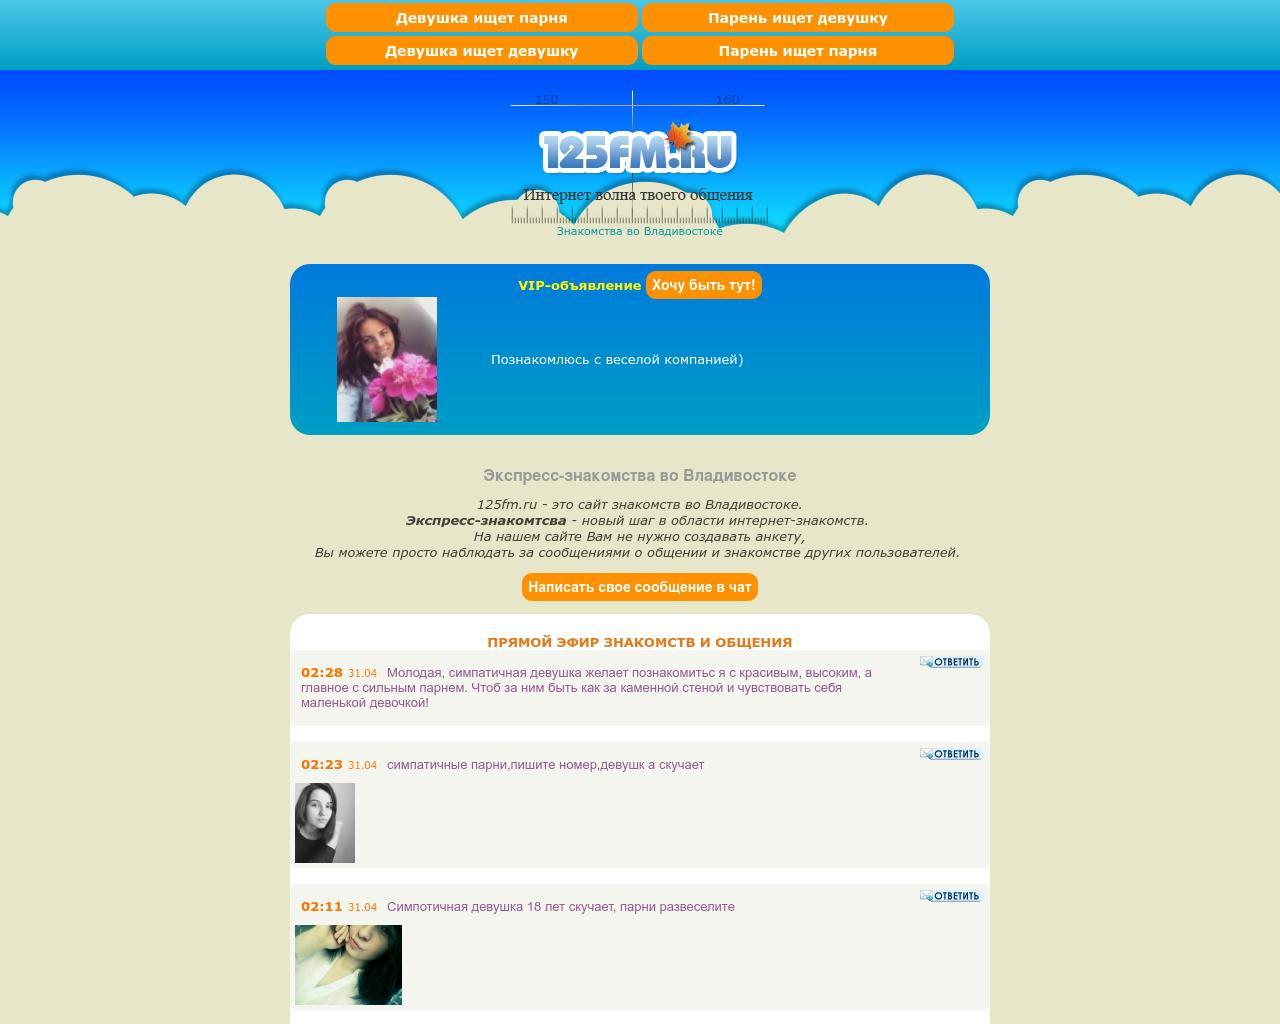 сайт знакомств в ульяновске без регистрации с номерами